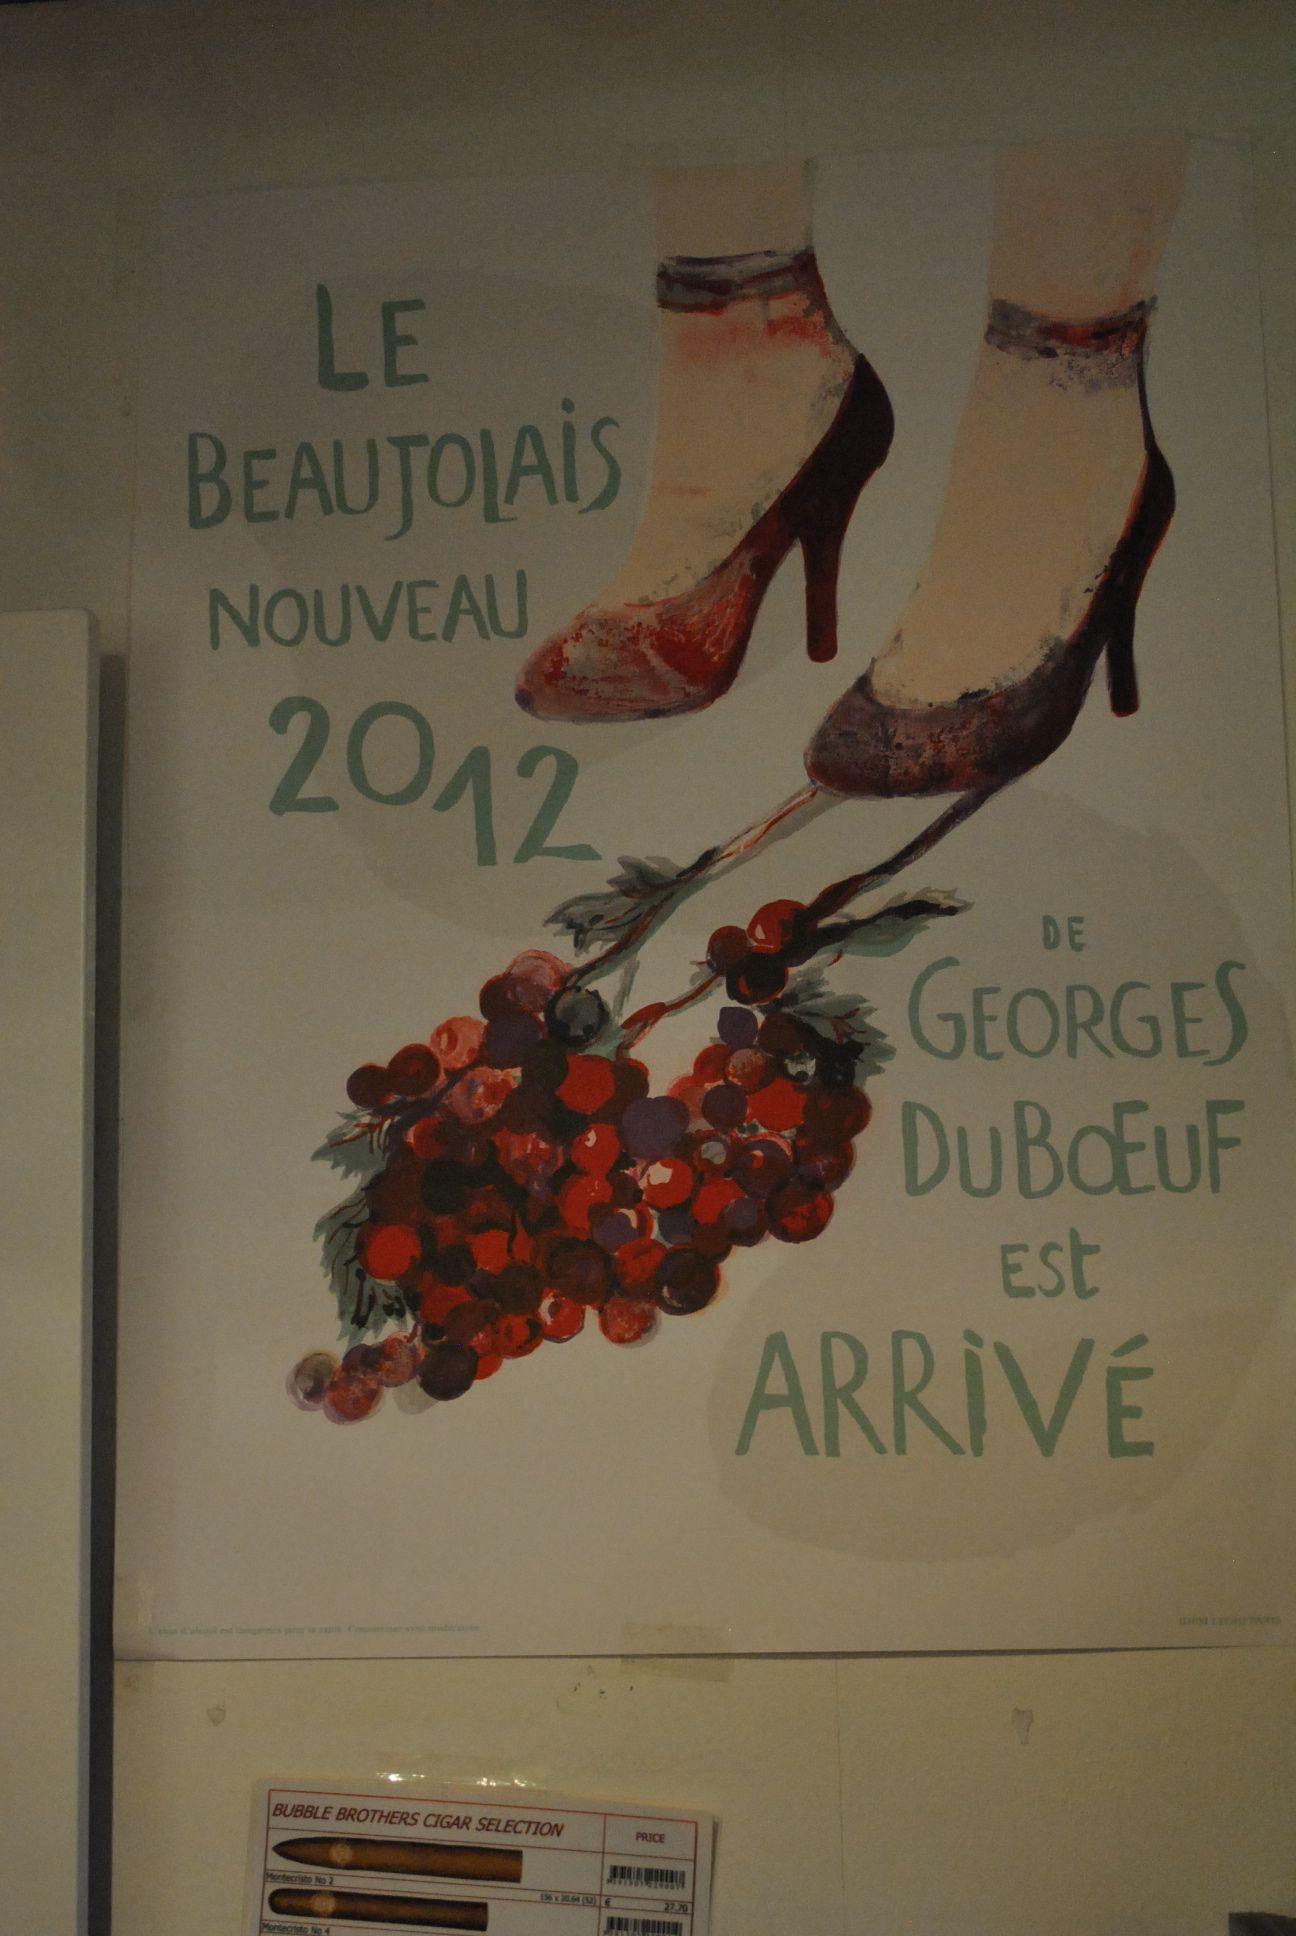 Le Beautolais Nouveau 2012